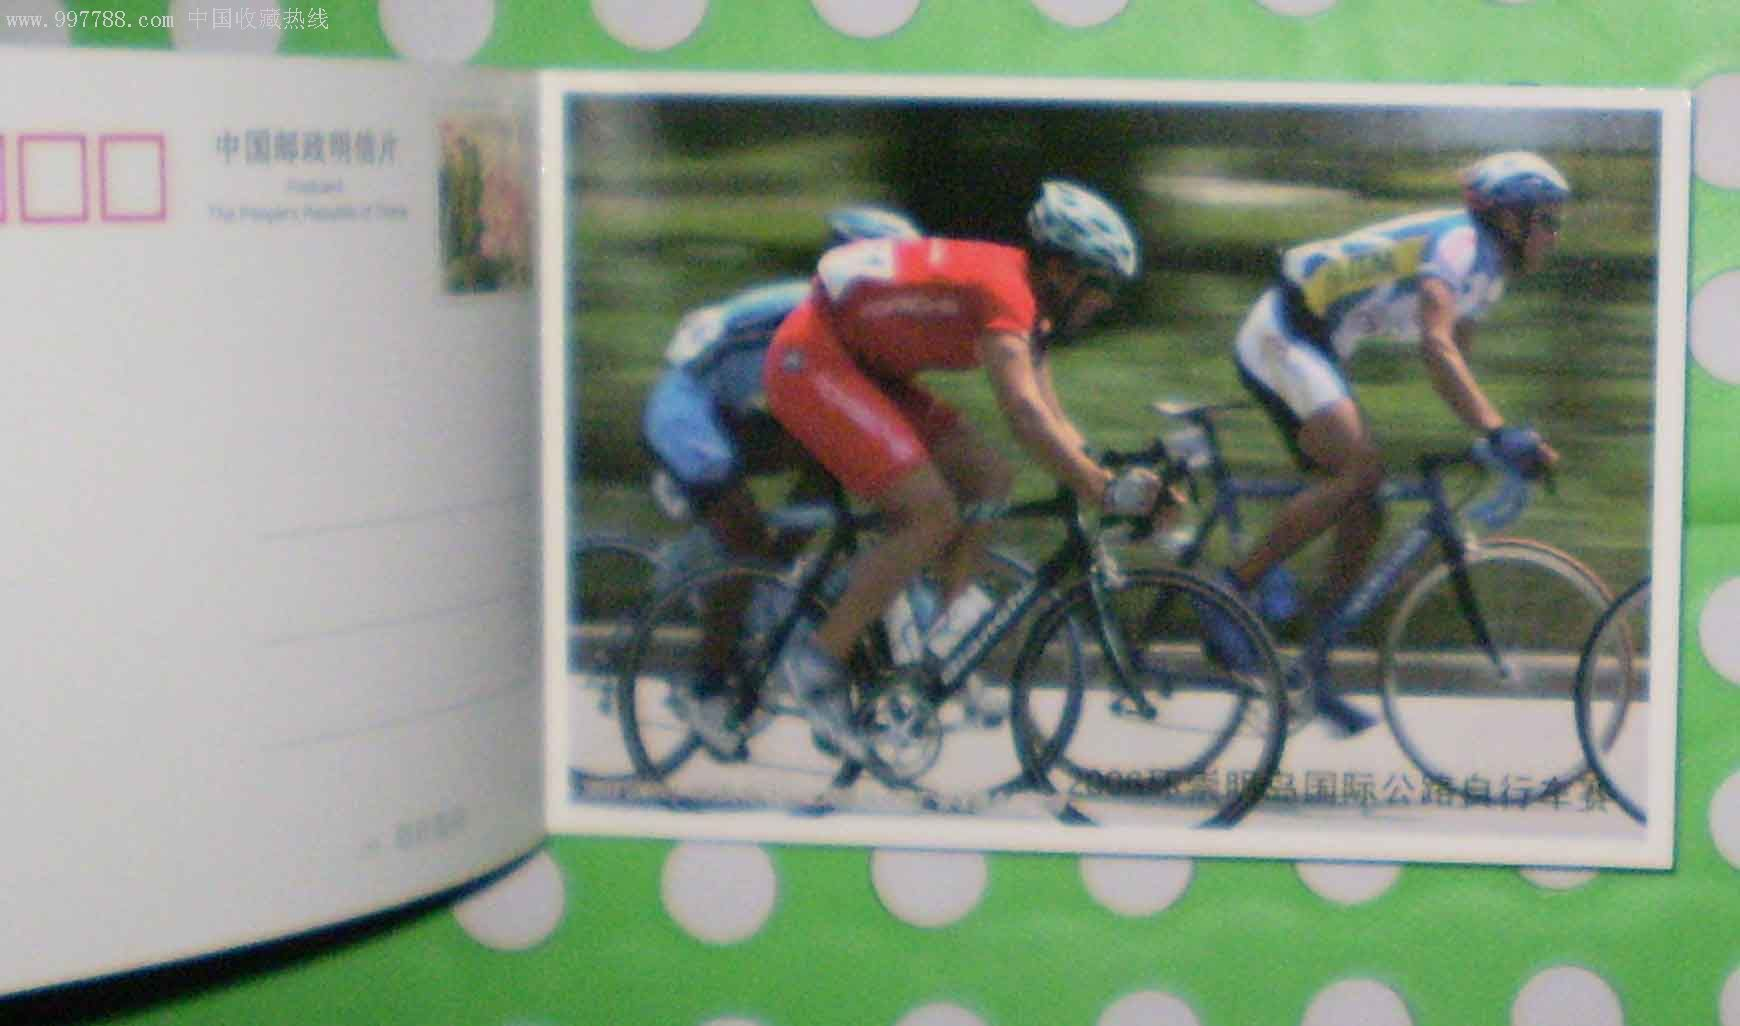 2007年环崇明岛女子国际公路自行车赛邮资明信片